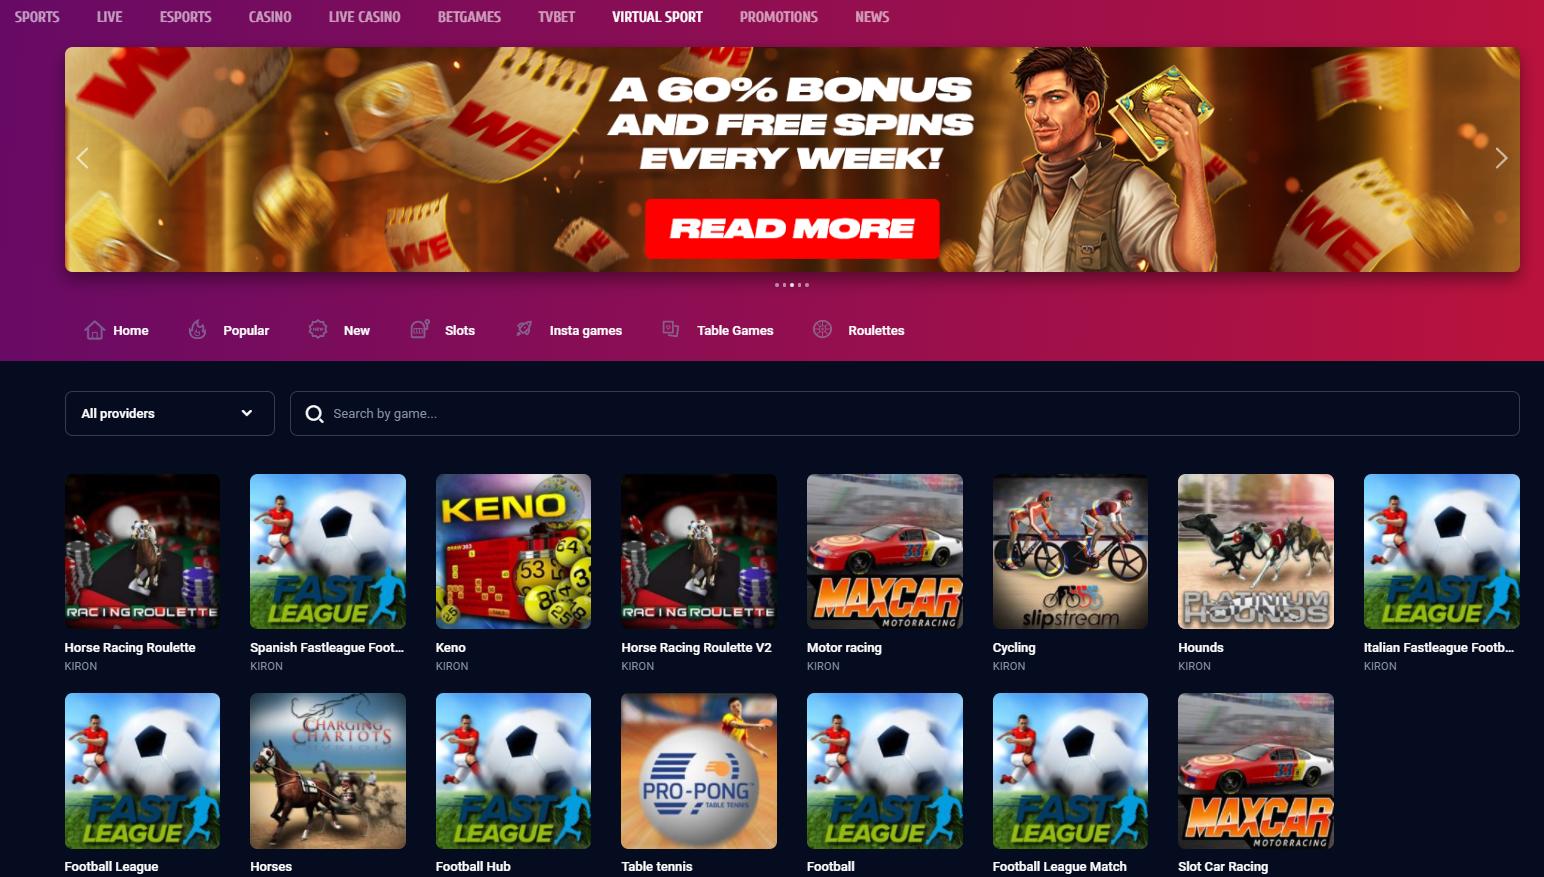 vulkanbet virtualni sportove-komarbet.com